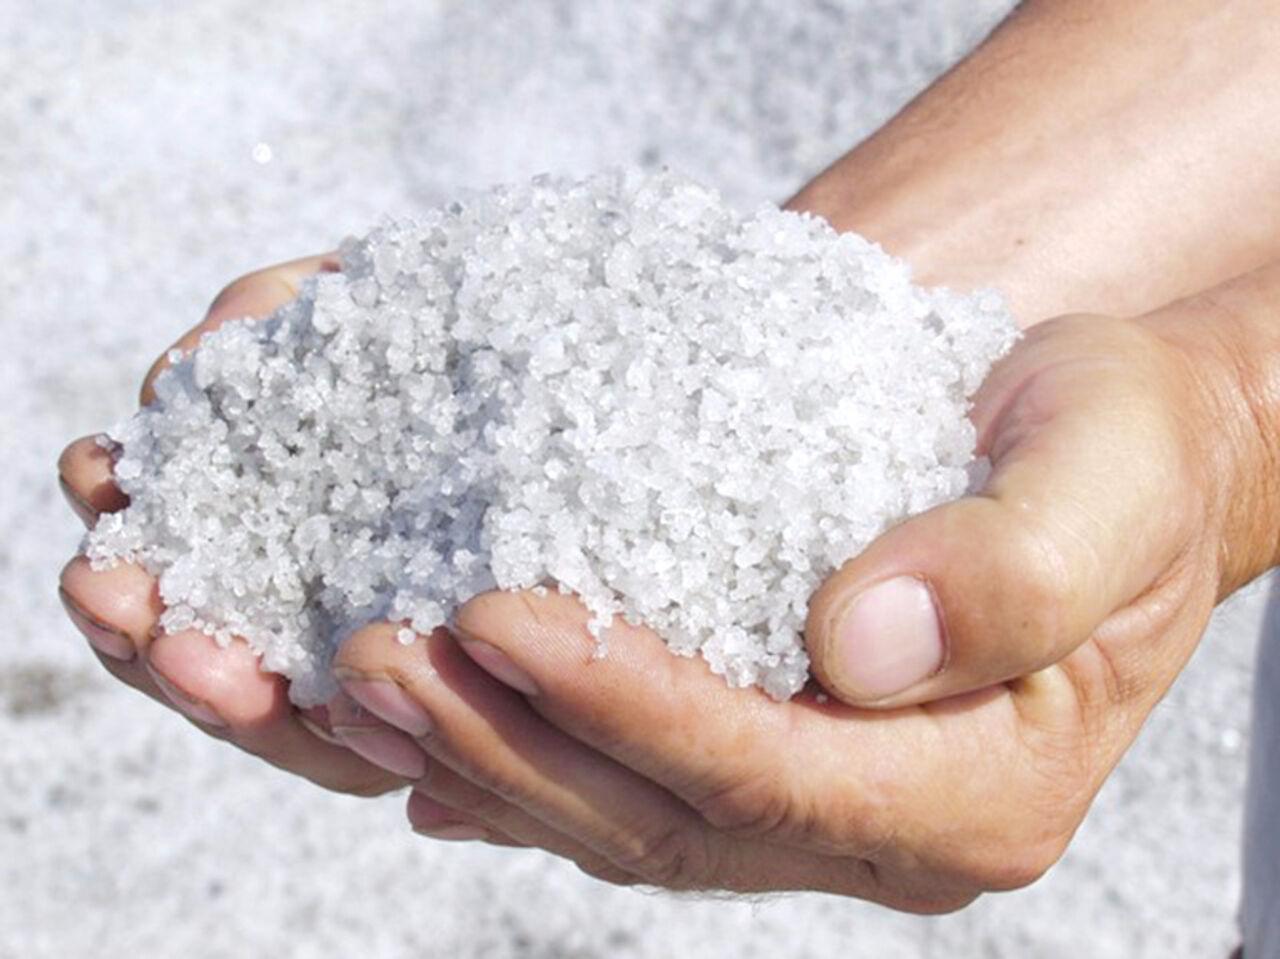 Кардиологи: излишек соли увеличивает риск сердечной недостаточности вдвое